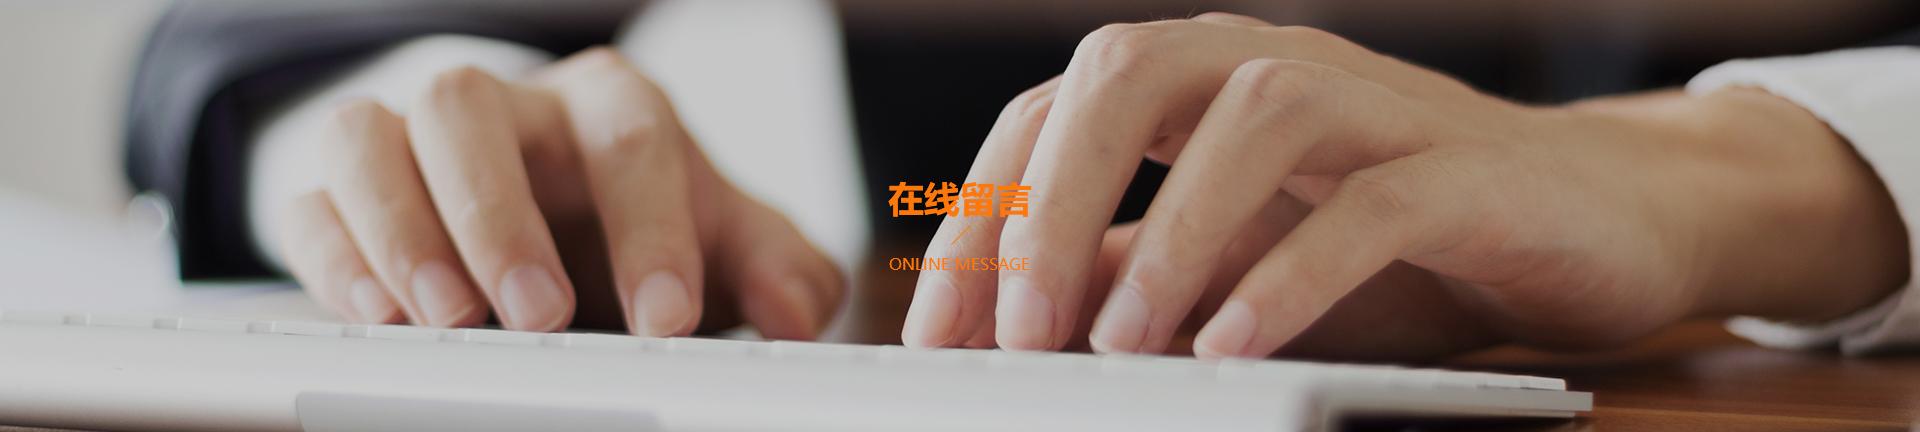 http://www.zjsdnt.cn/data/upload/202103/20210311140513_161.jpg